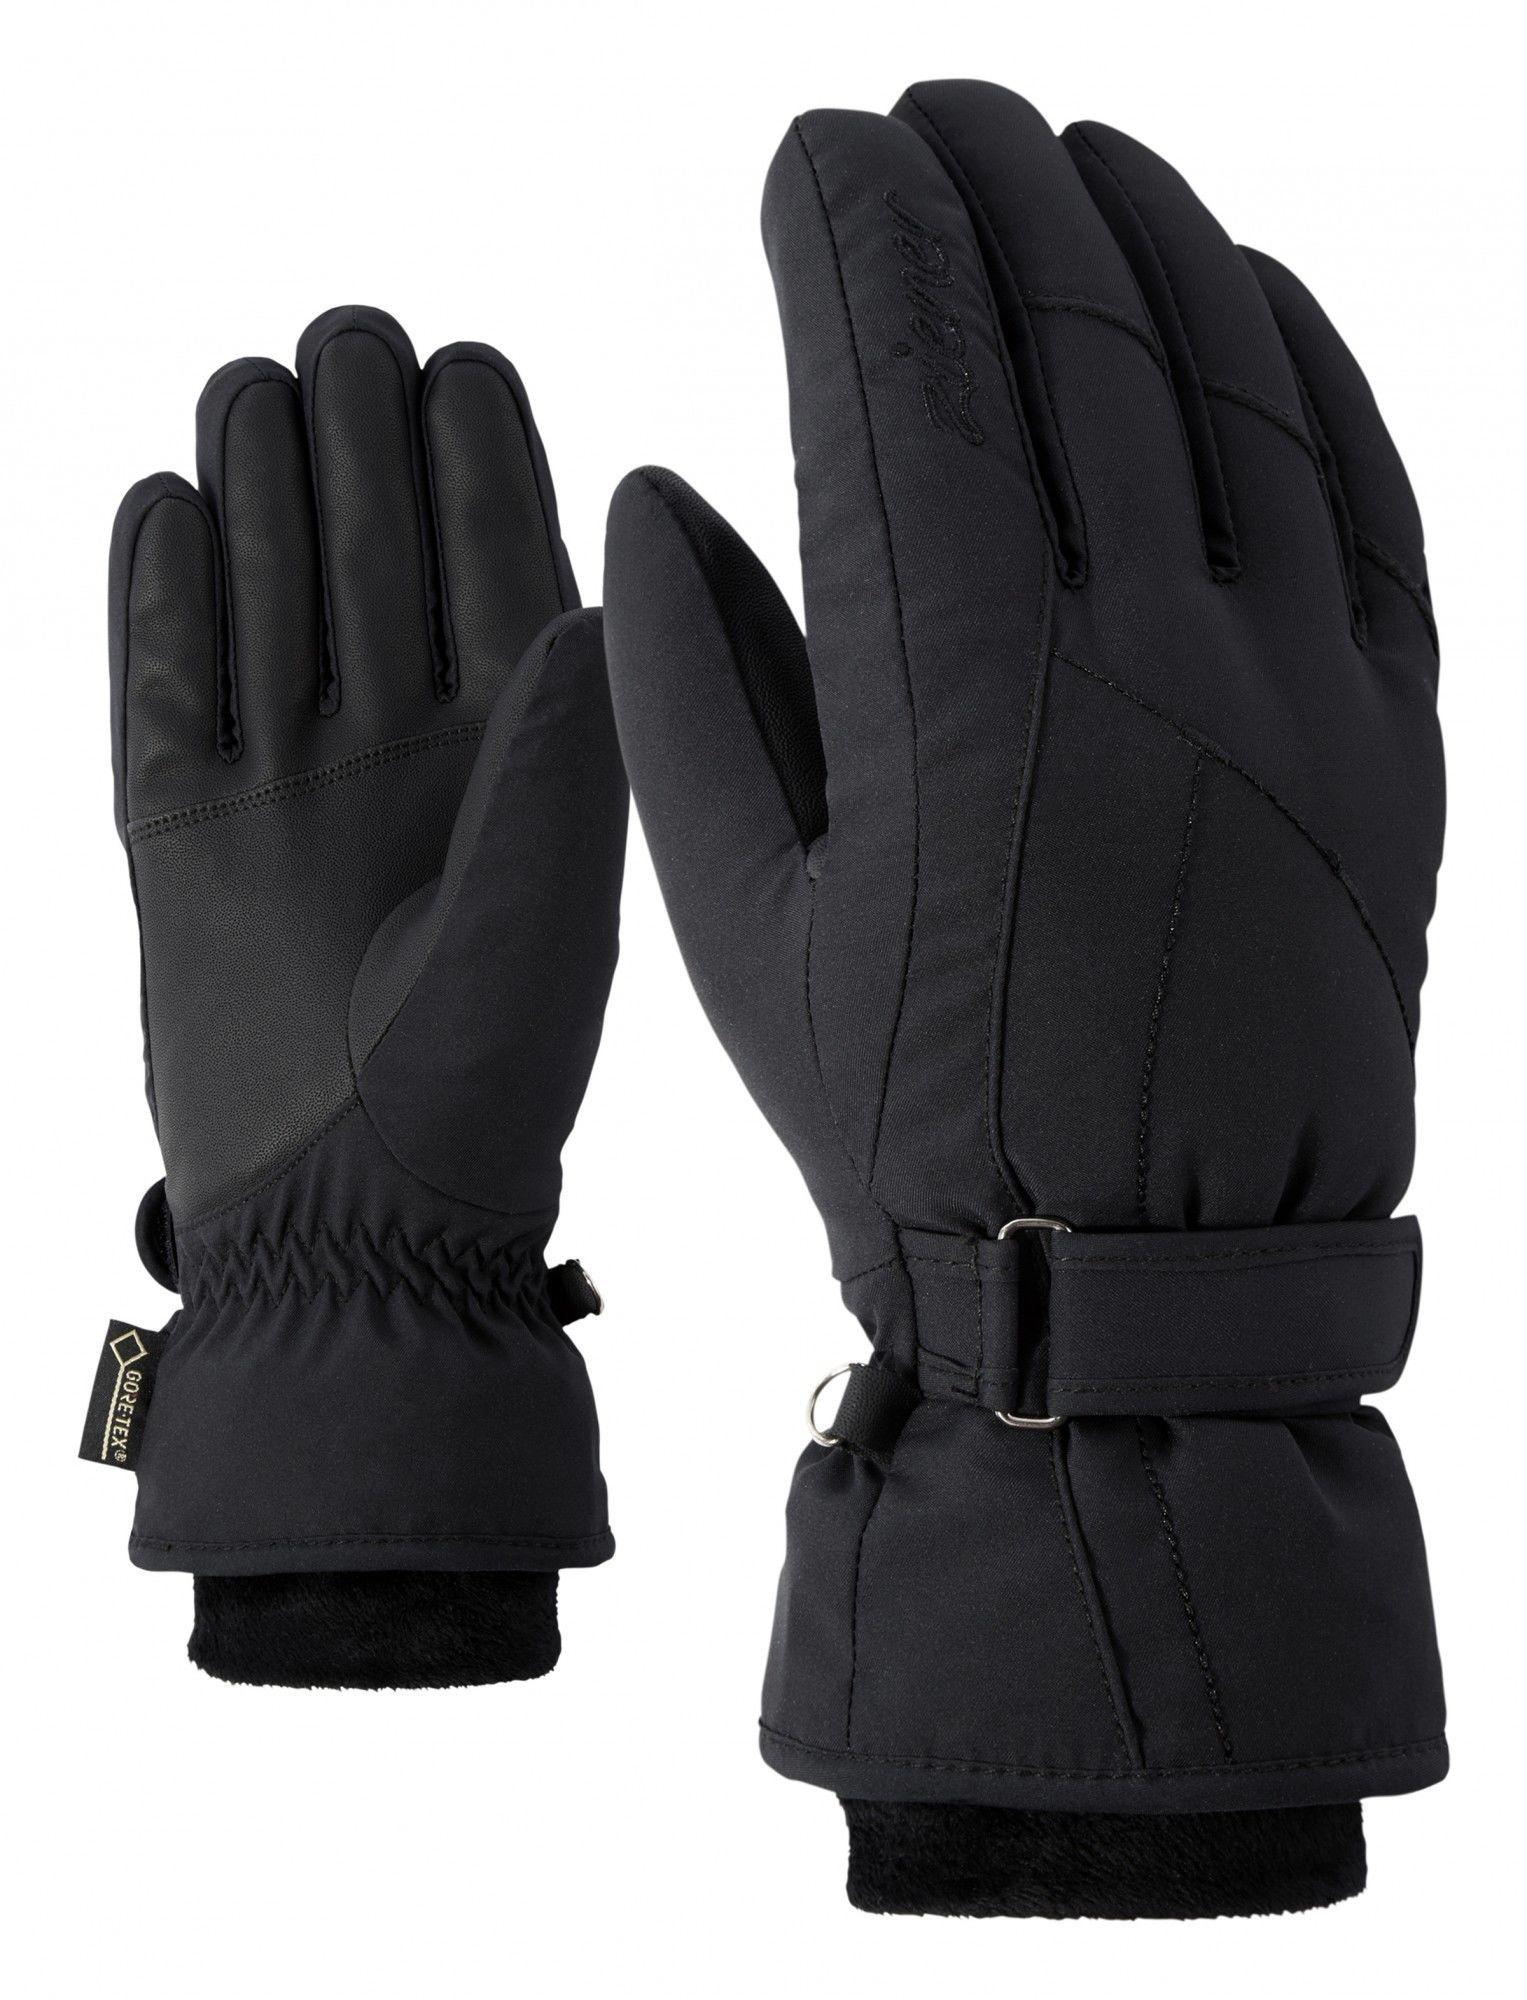 Ziener W Karma Gtx® Lady | Größe 6.0,7.0,7.5,8.0 | Damen Fingerhandschuh